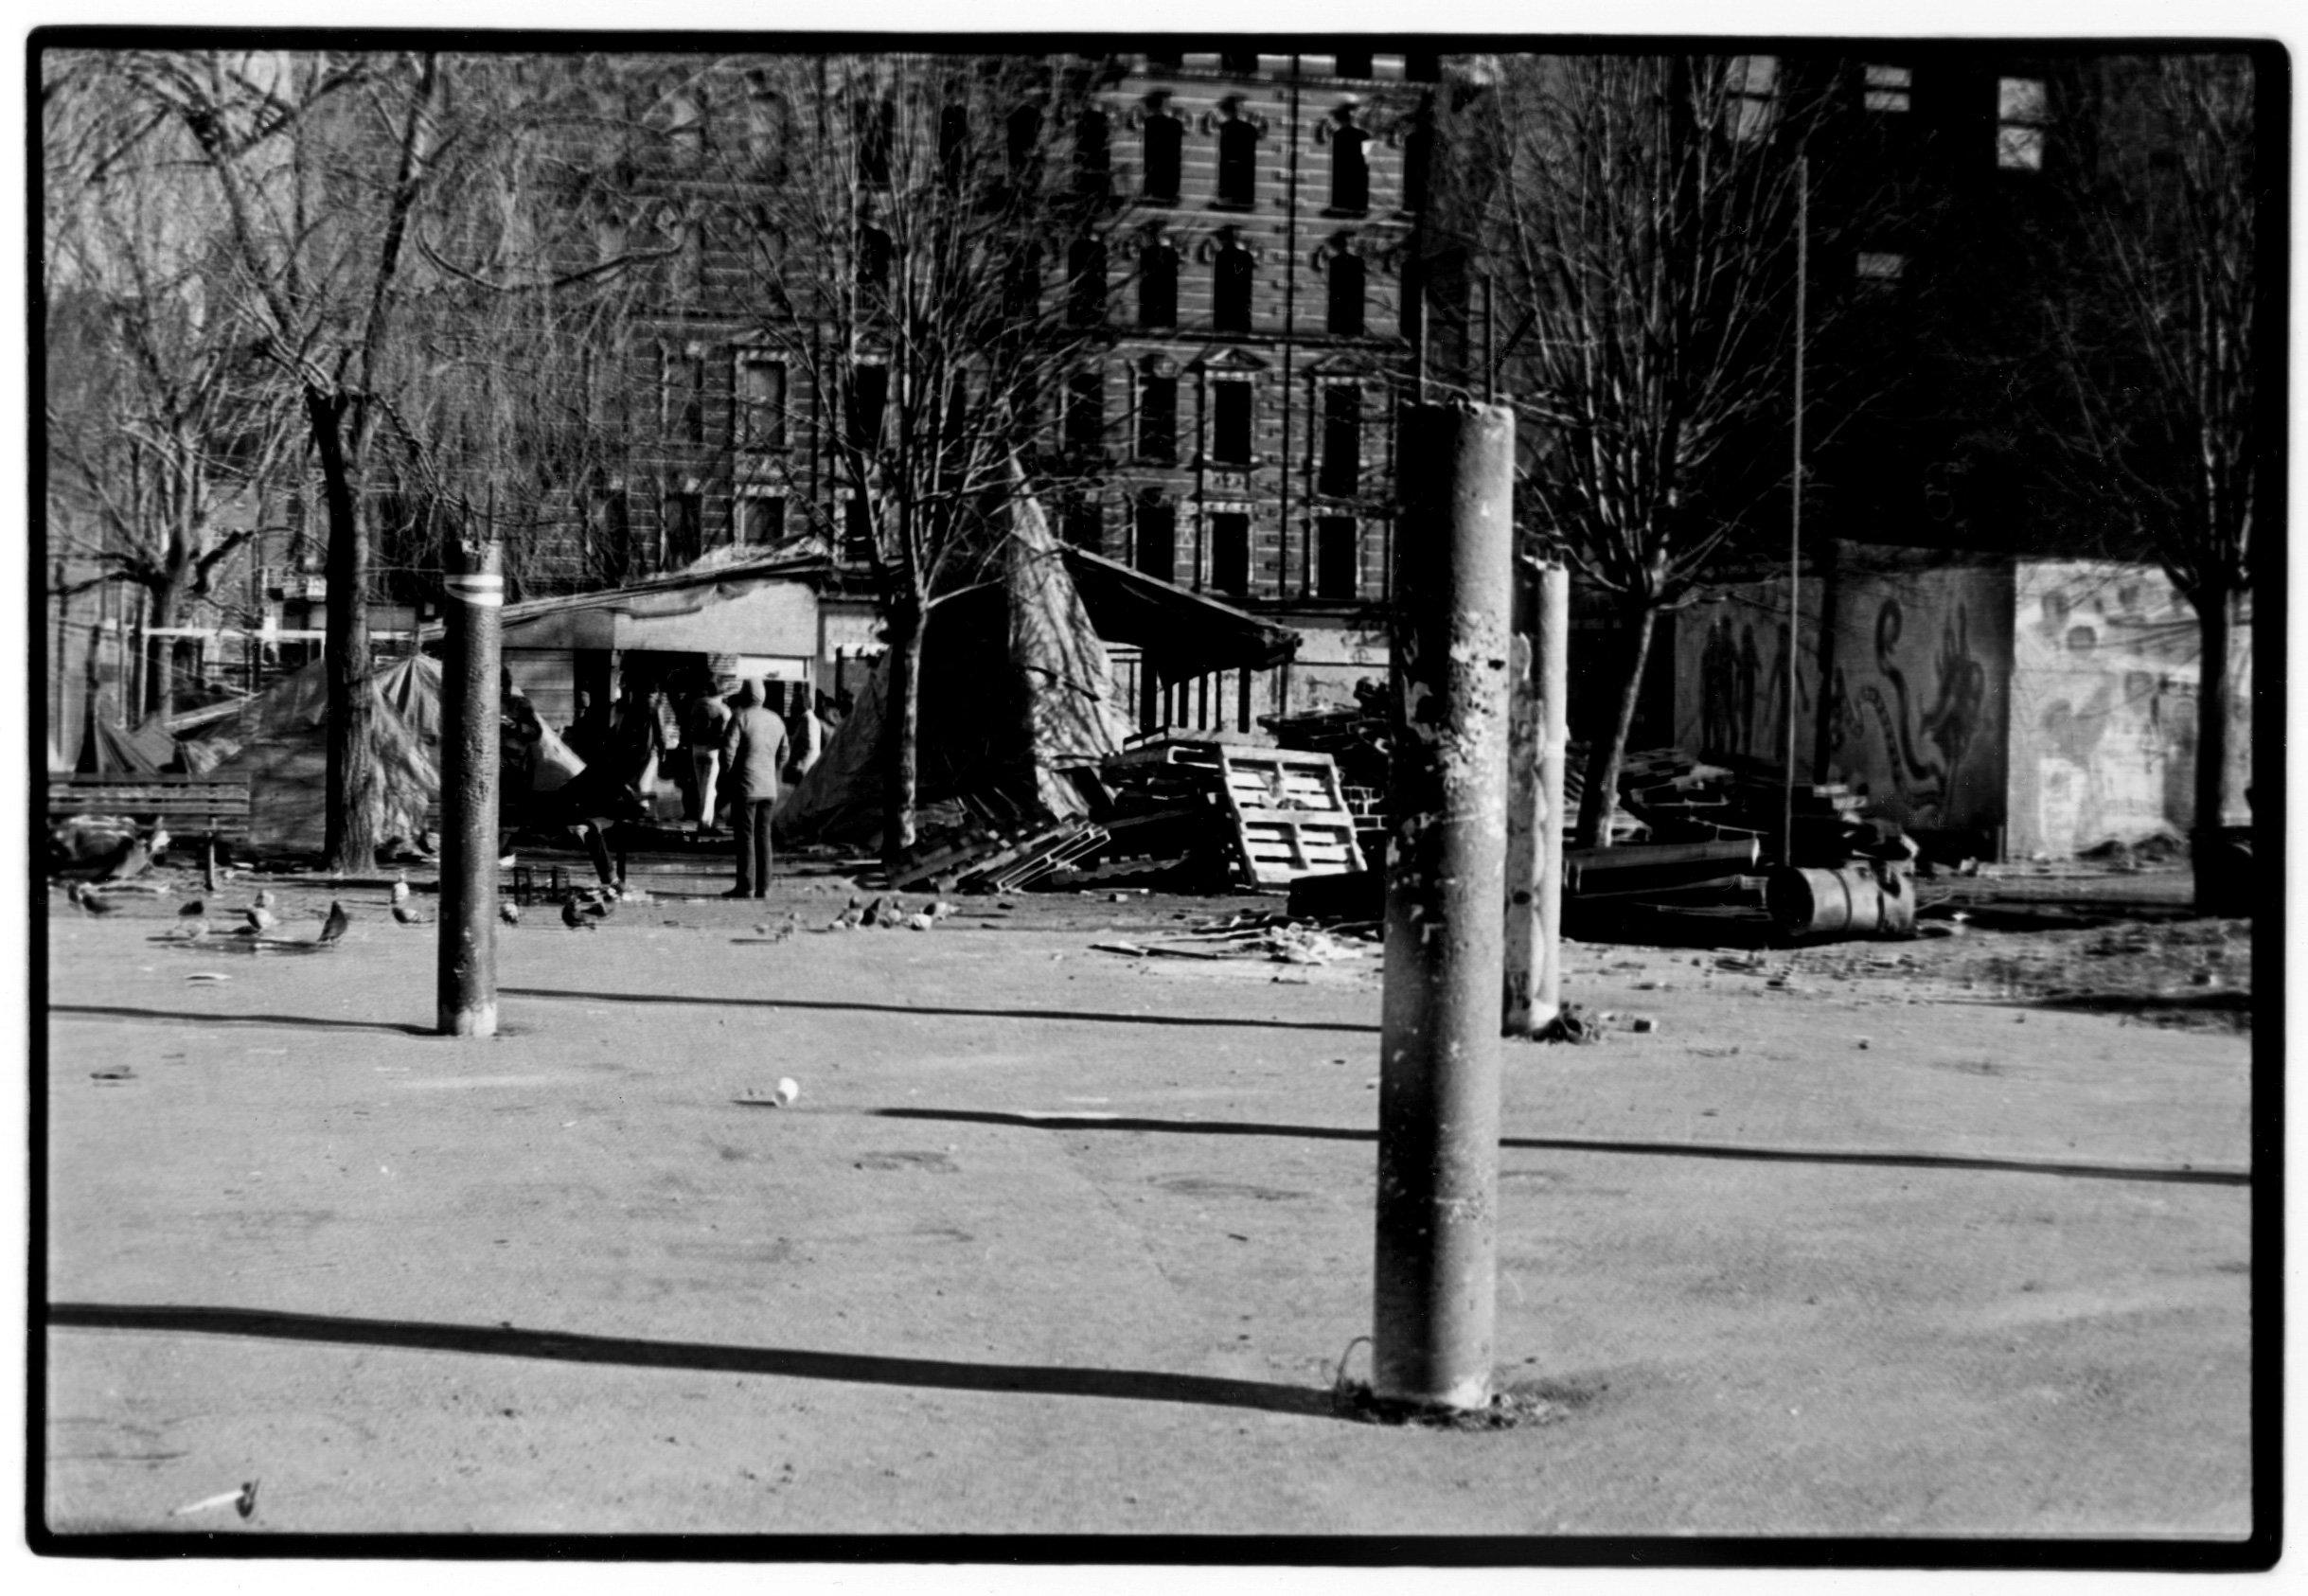 La Plaza Cultural East Village 1986